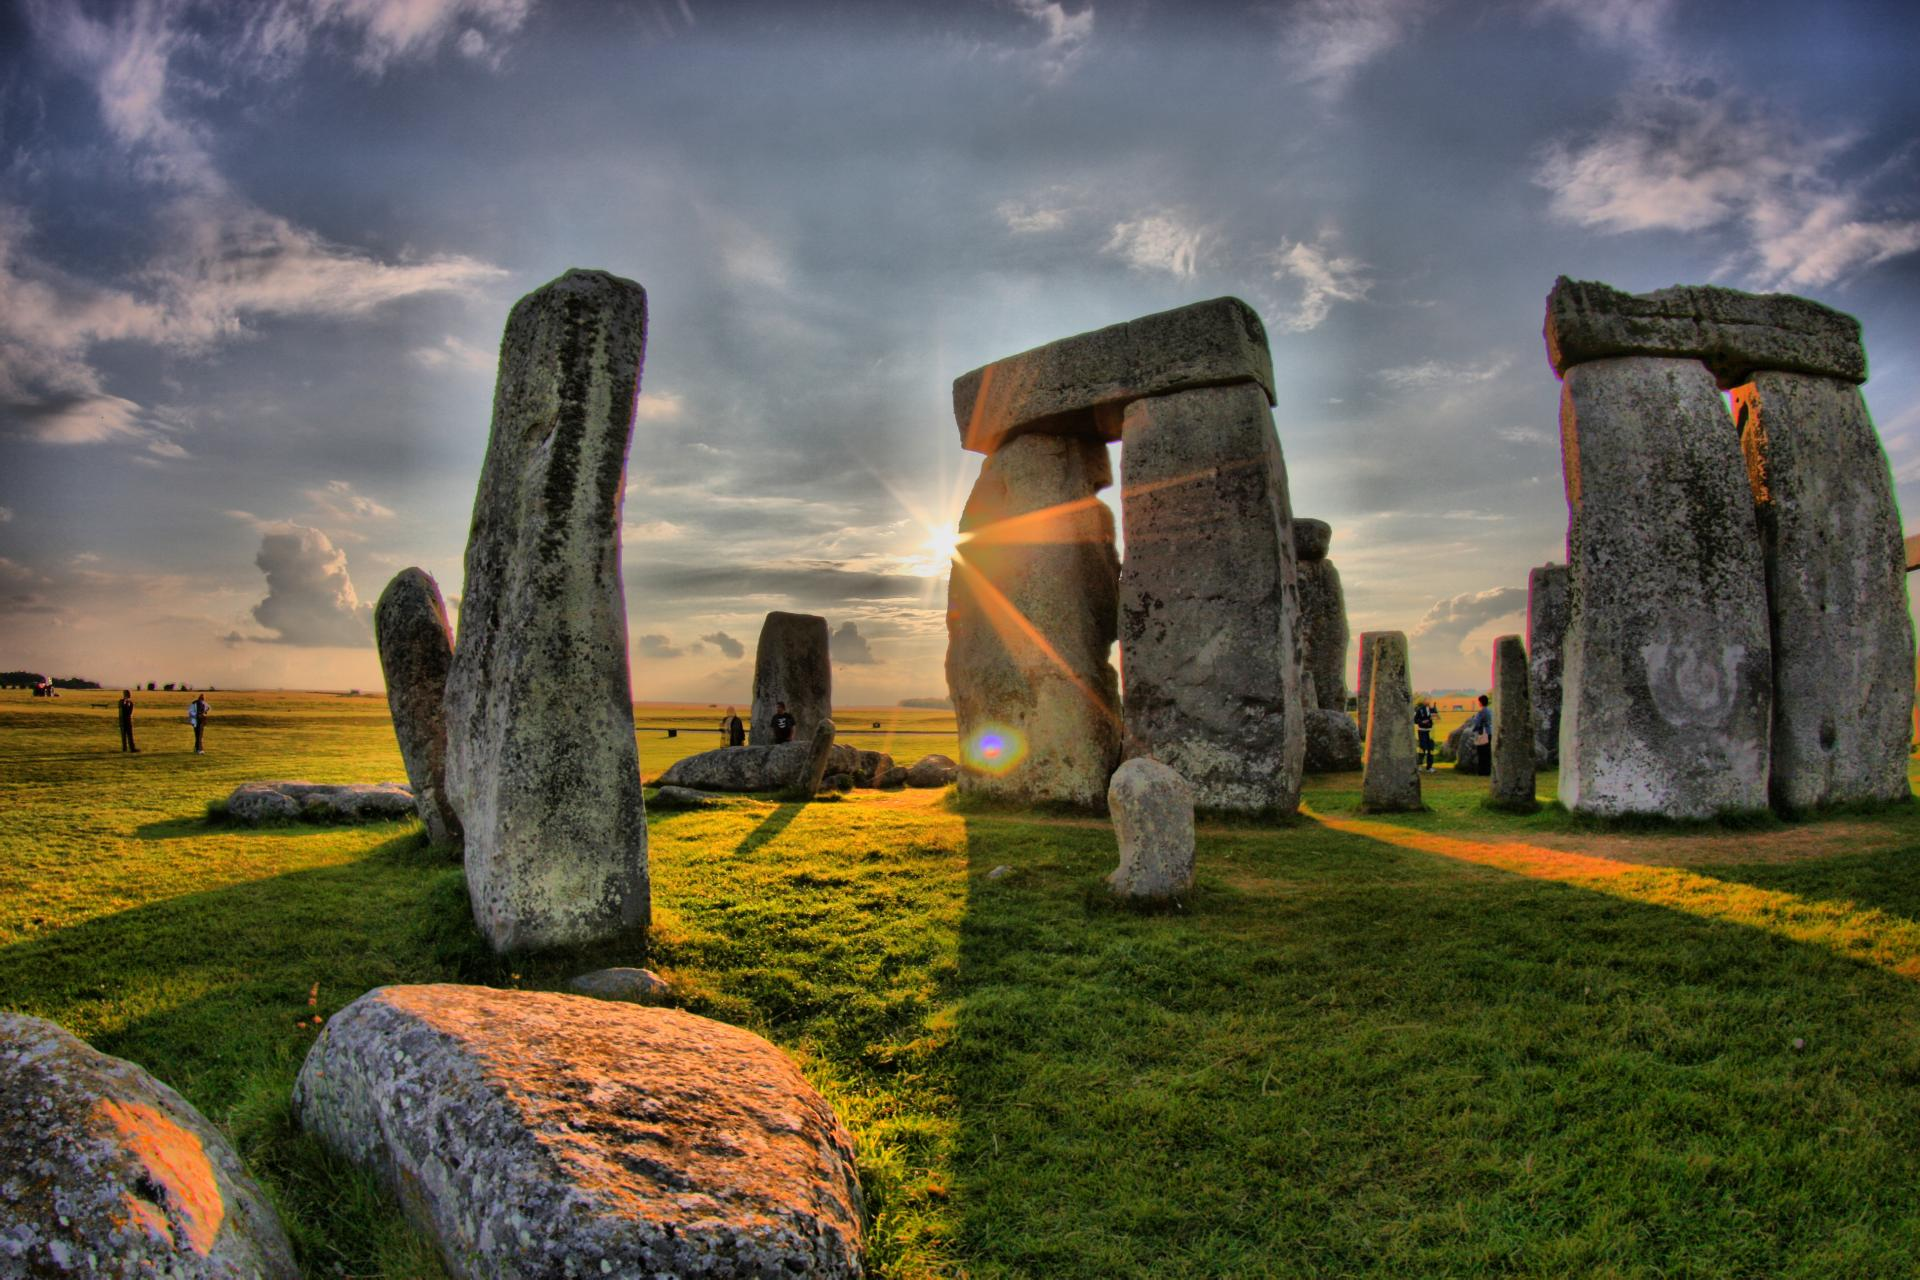 El Solsticio de verano en el Stonehenge, tour guiado desde Londres